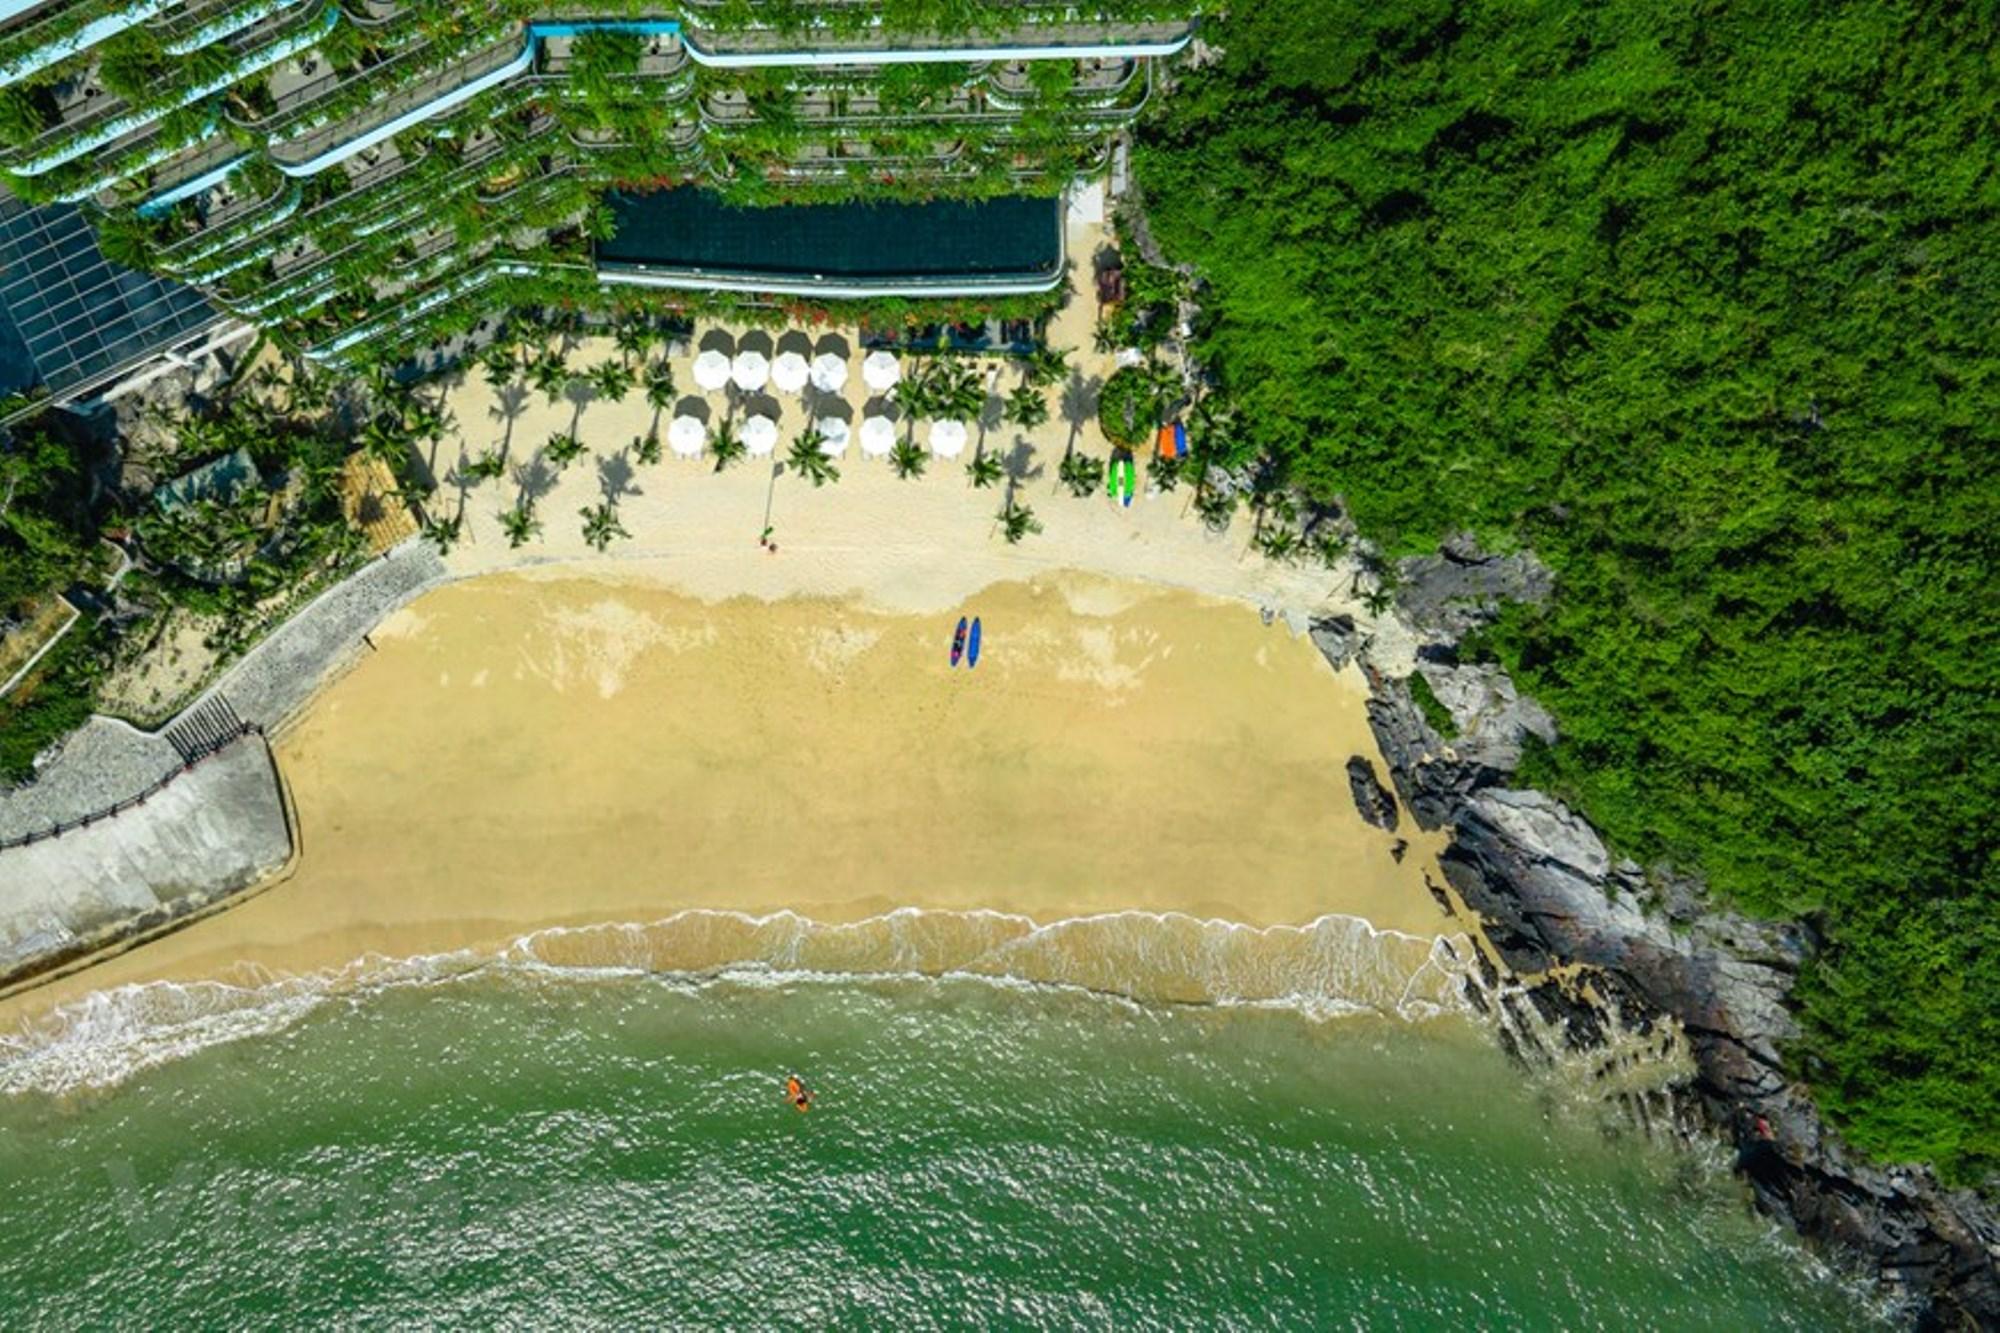 Cát Bà đẹp và thơ mộng, là hòn đảo lớn nhất trên tổng số 1.969 đảo trên vịnh Lan Hạ. Không chỉ sở hữu vẻ đẹp hoang sơ, trên đảo Cát Bà còn có nhiều điểm 'check-in' tuyệt đẹp không nên thể bỏ lỡ trên hành trình khám phá 'đảo ngọc.' (Ảnh: Mai Mai/Vietnam+)